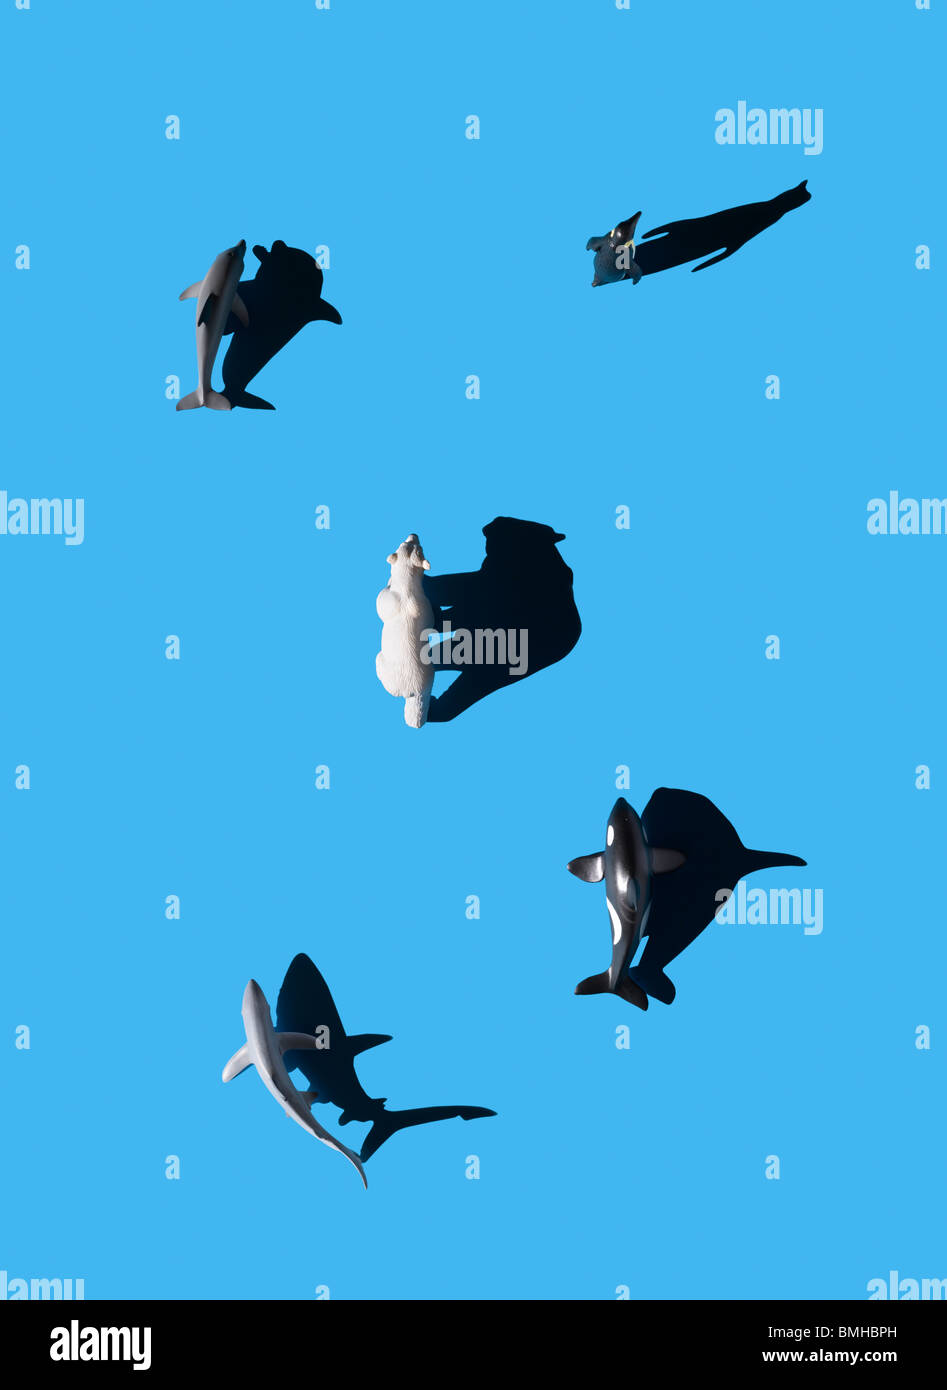 Los animales marinos y el oso polar disparó desde arriba. Imagen De Stock